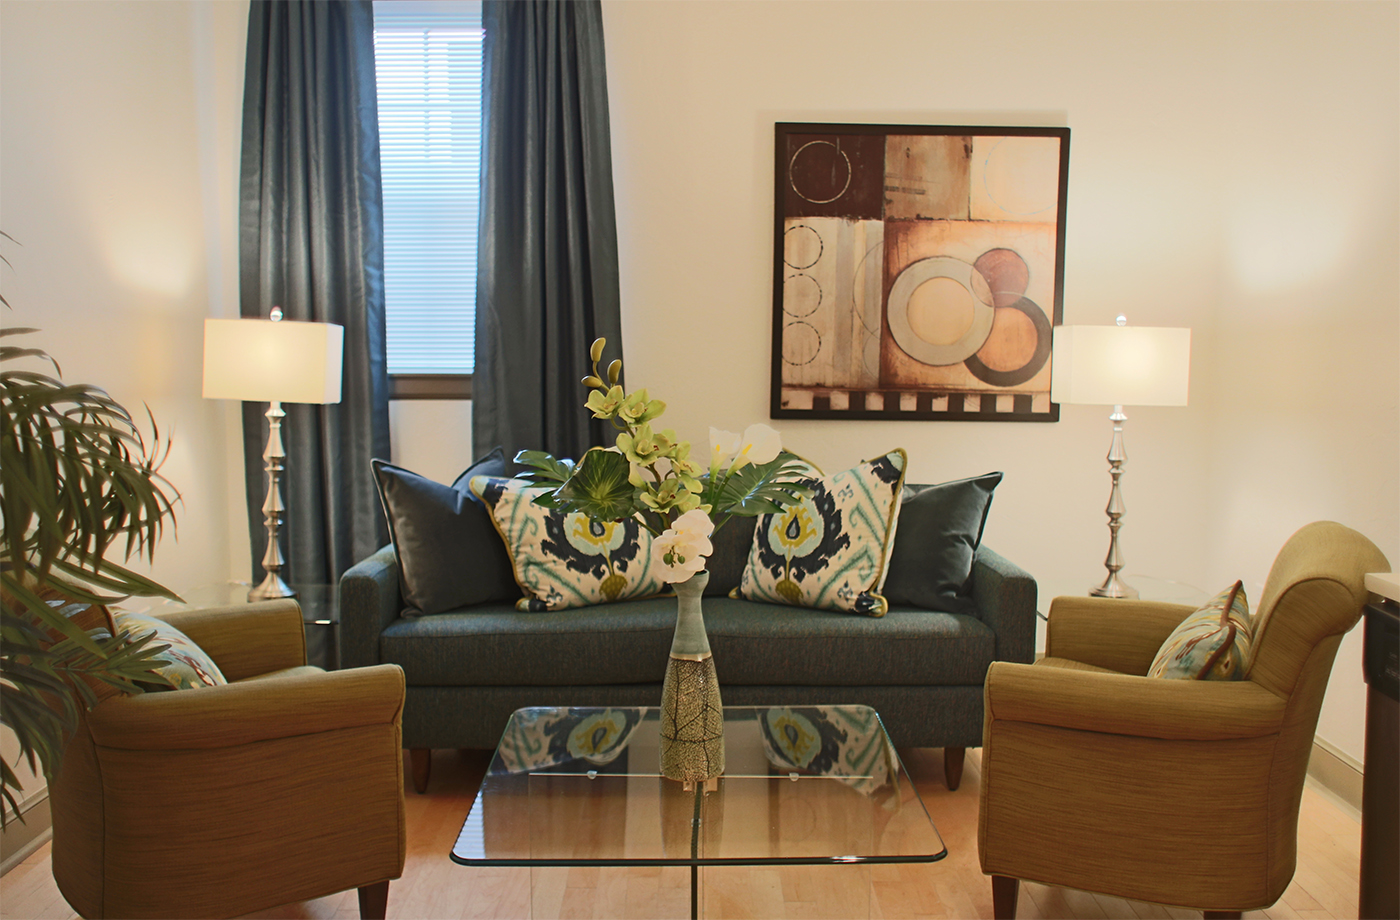 Douglass two bedroom living room 2.jpg